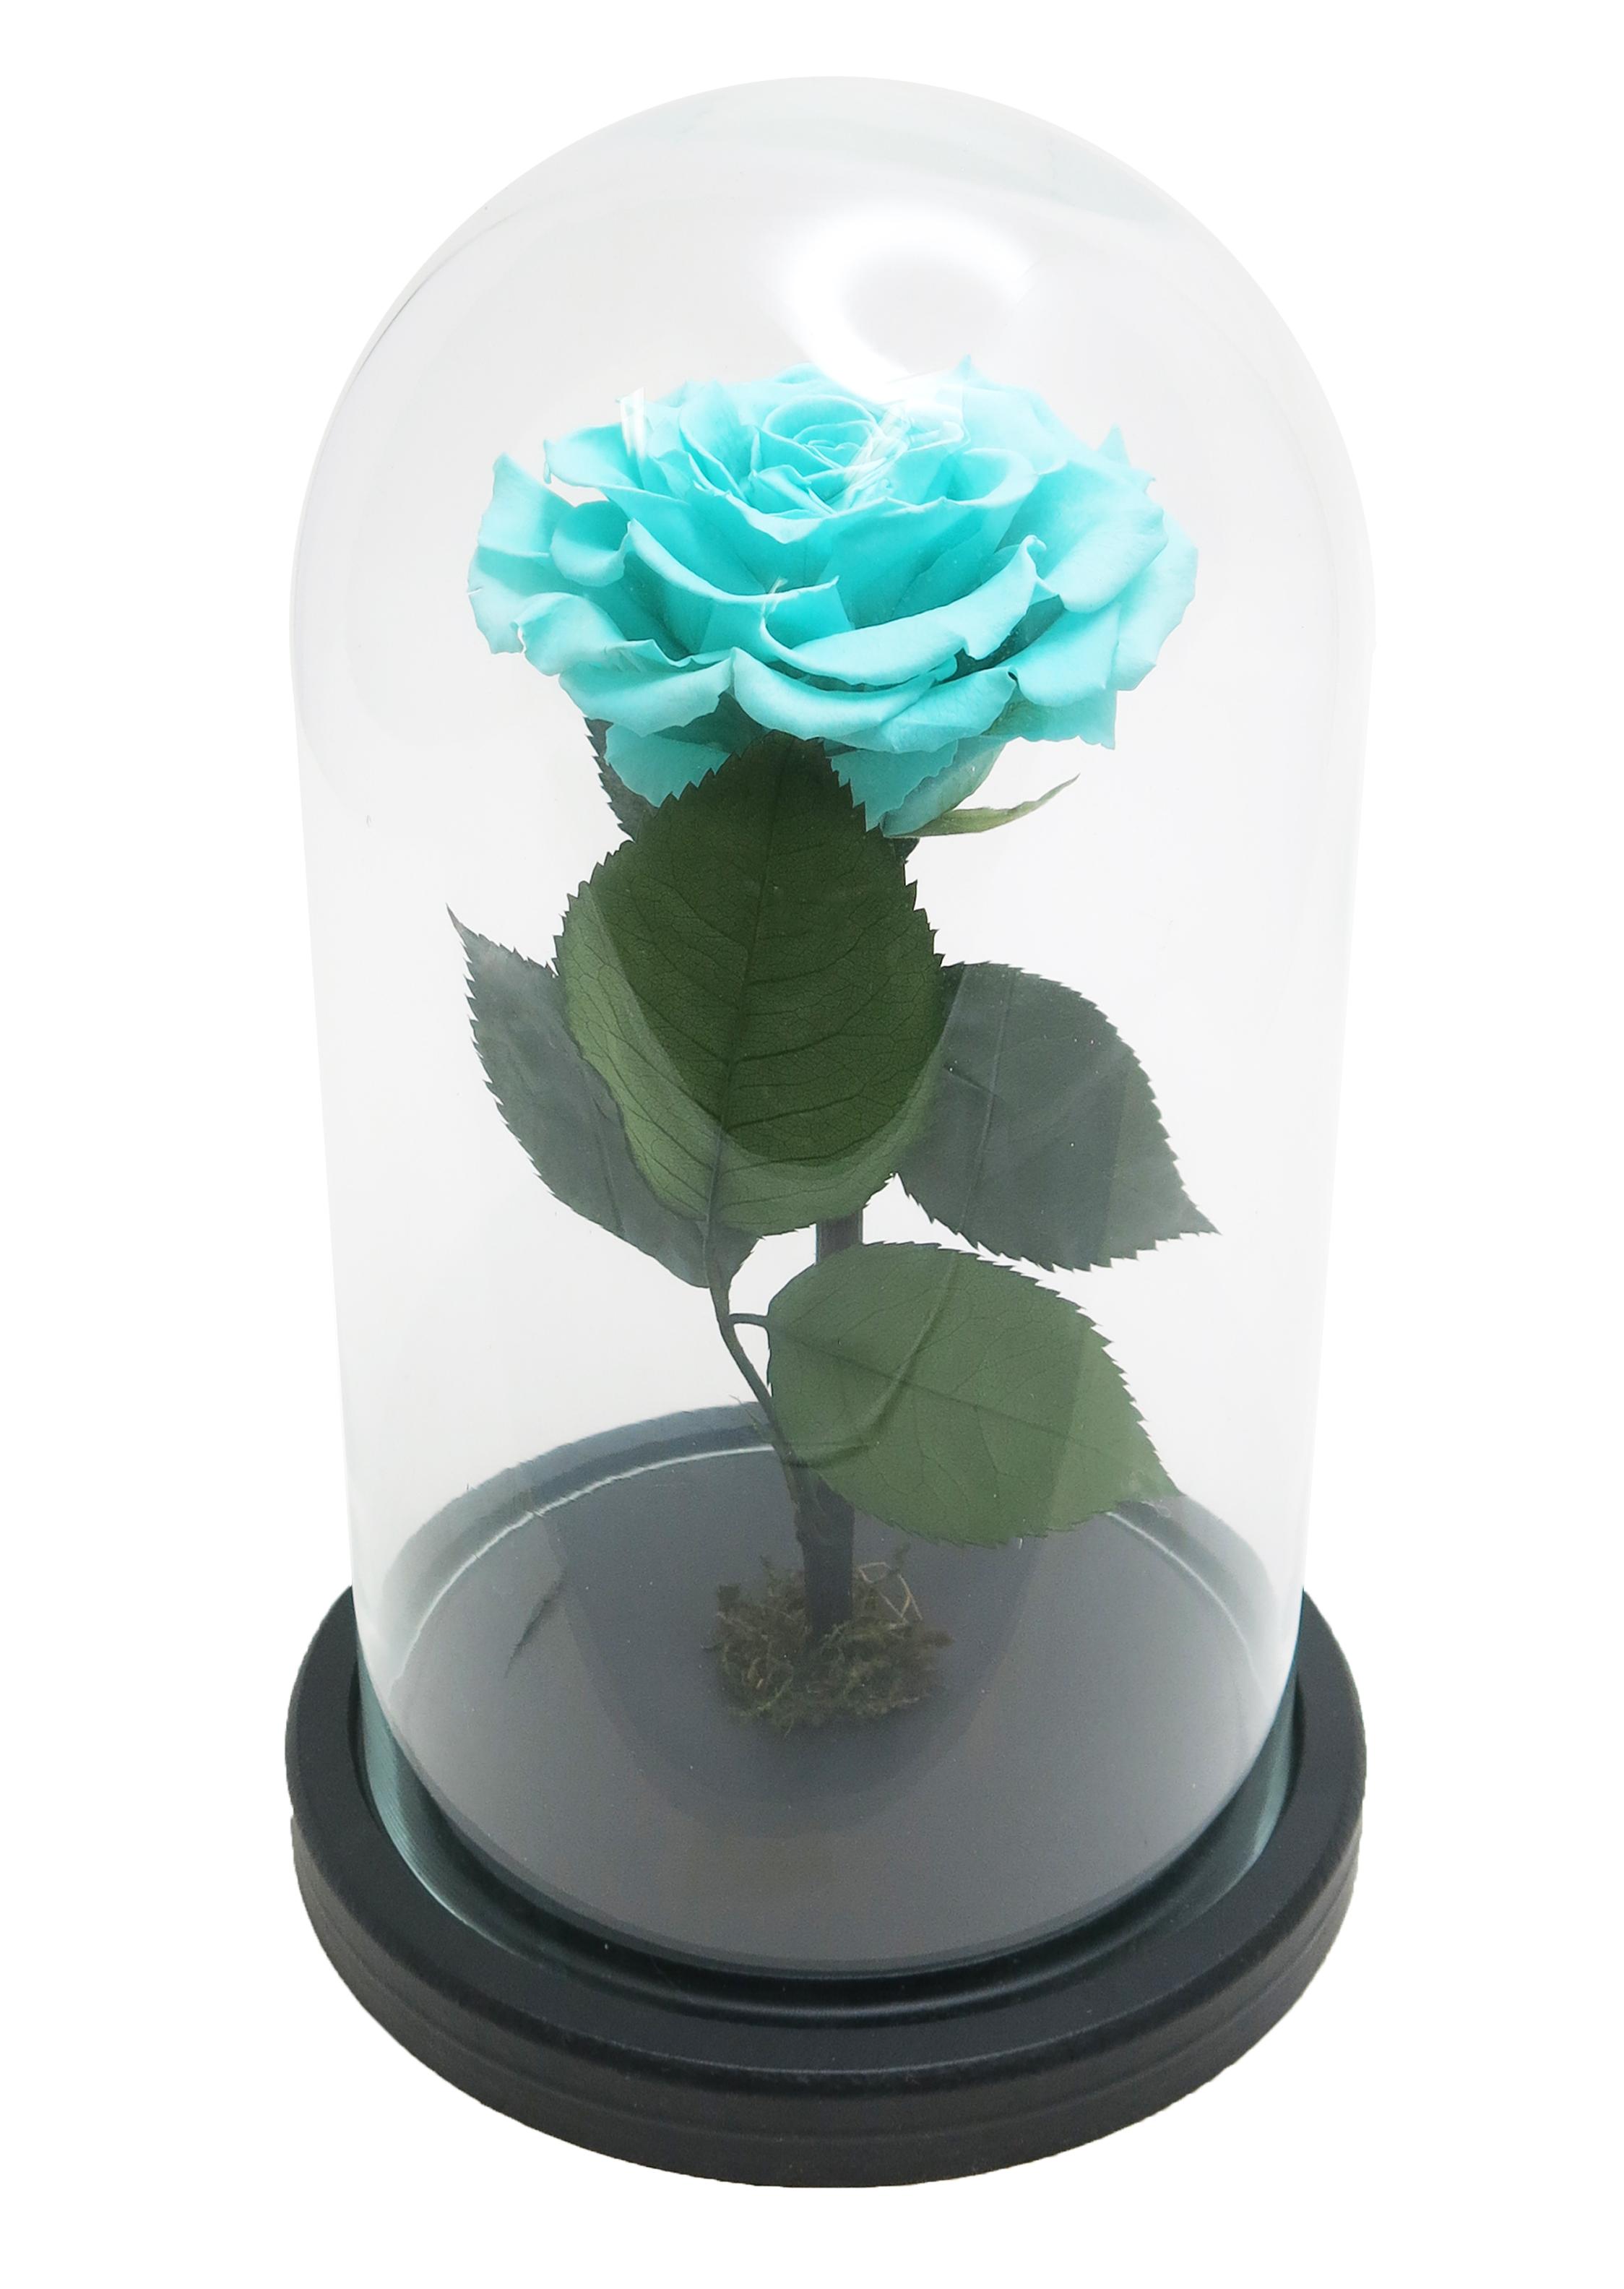 """Роза стеклянной колбе 26 см высота 15 см диаметр в стиле """"Красавица и чудовище"""" цвет голубой"""